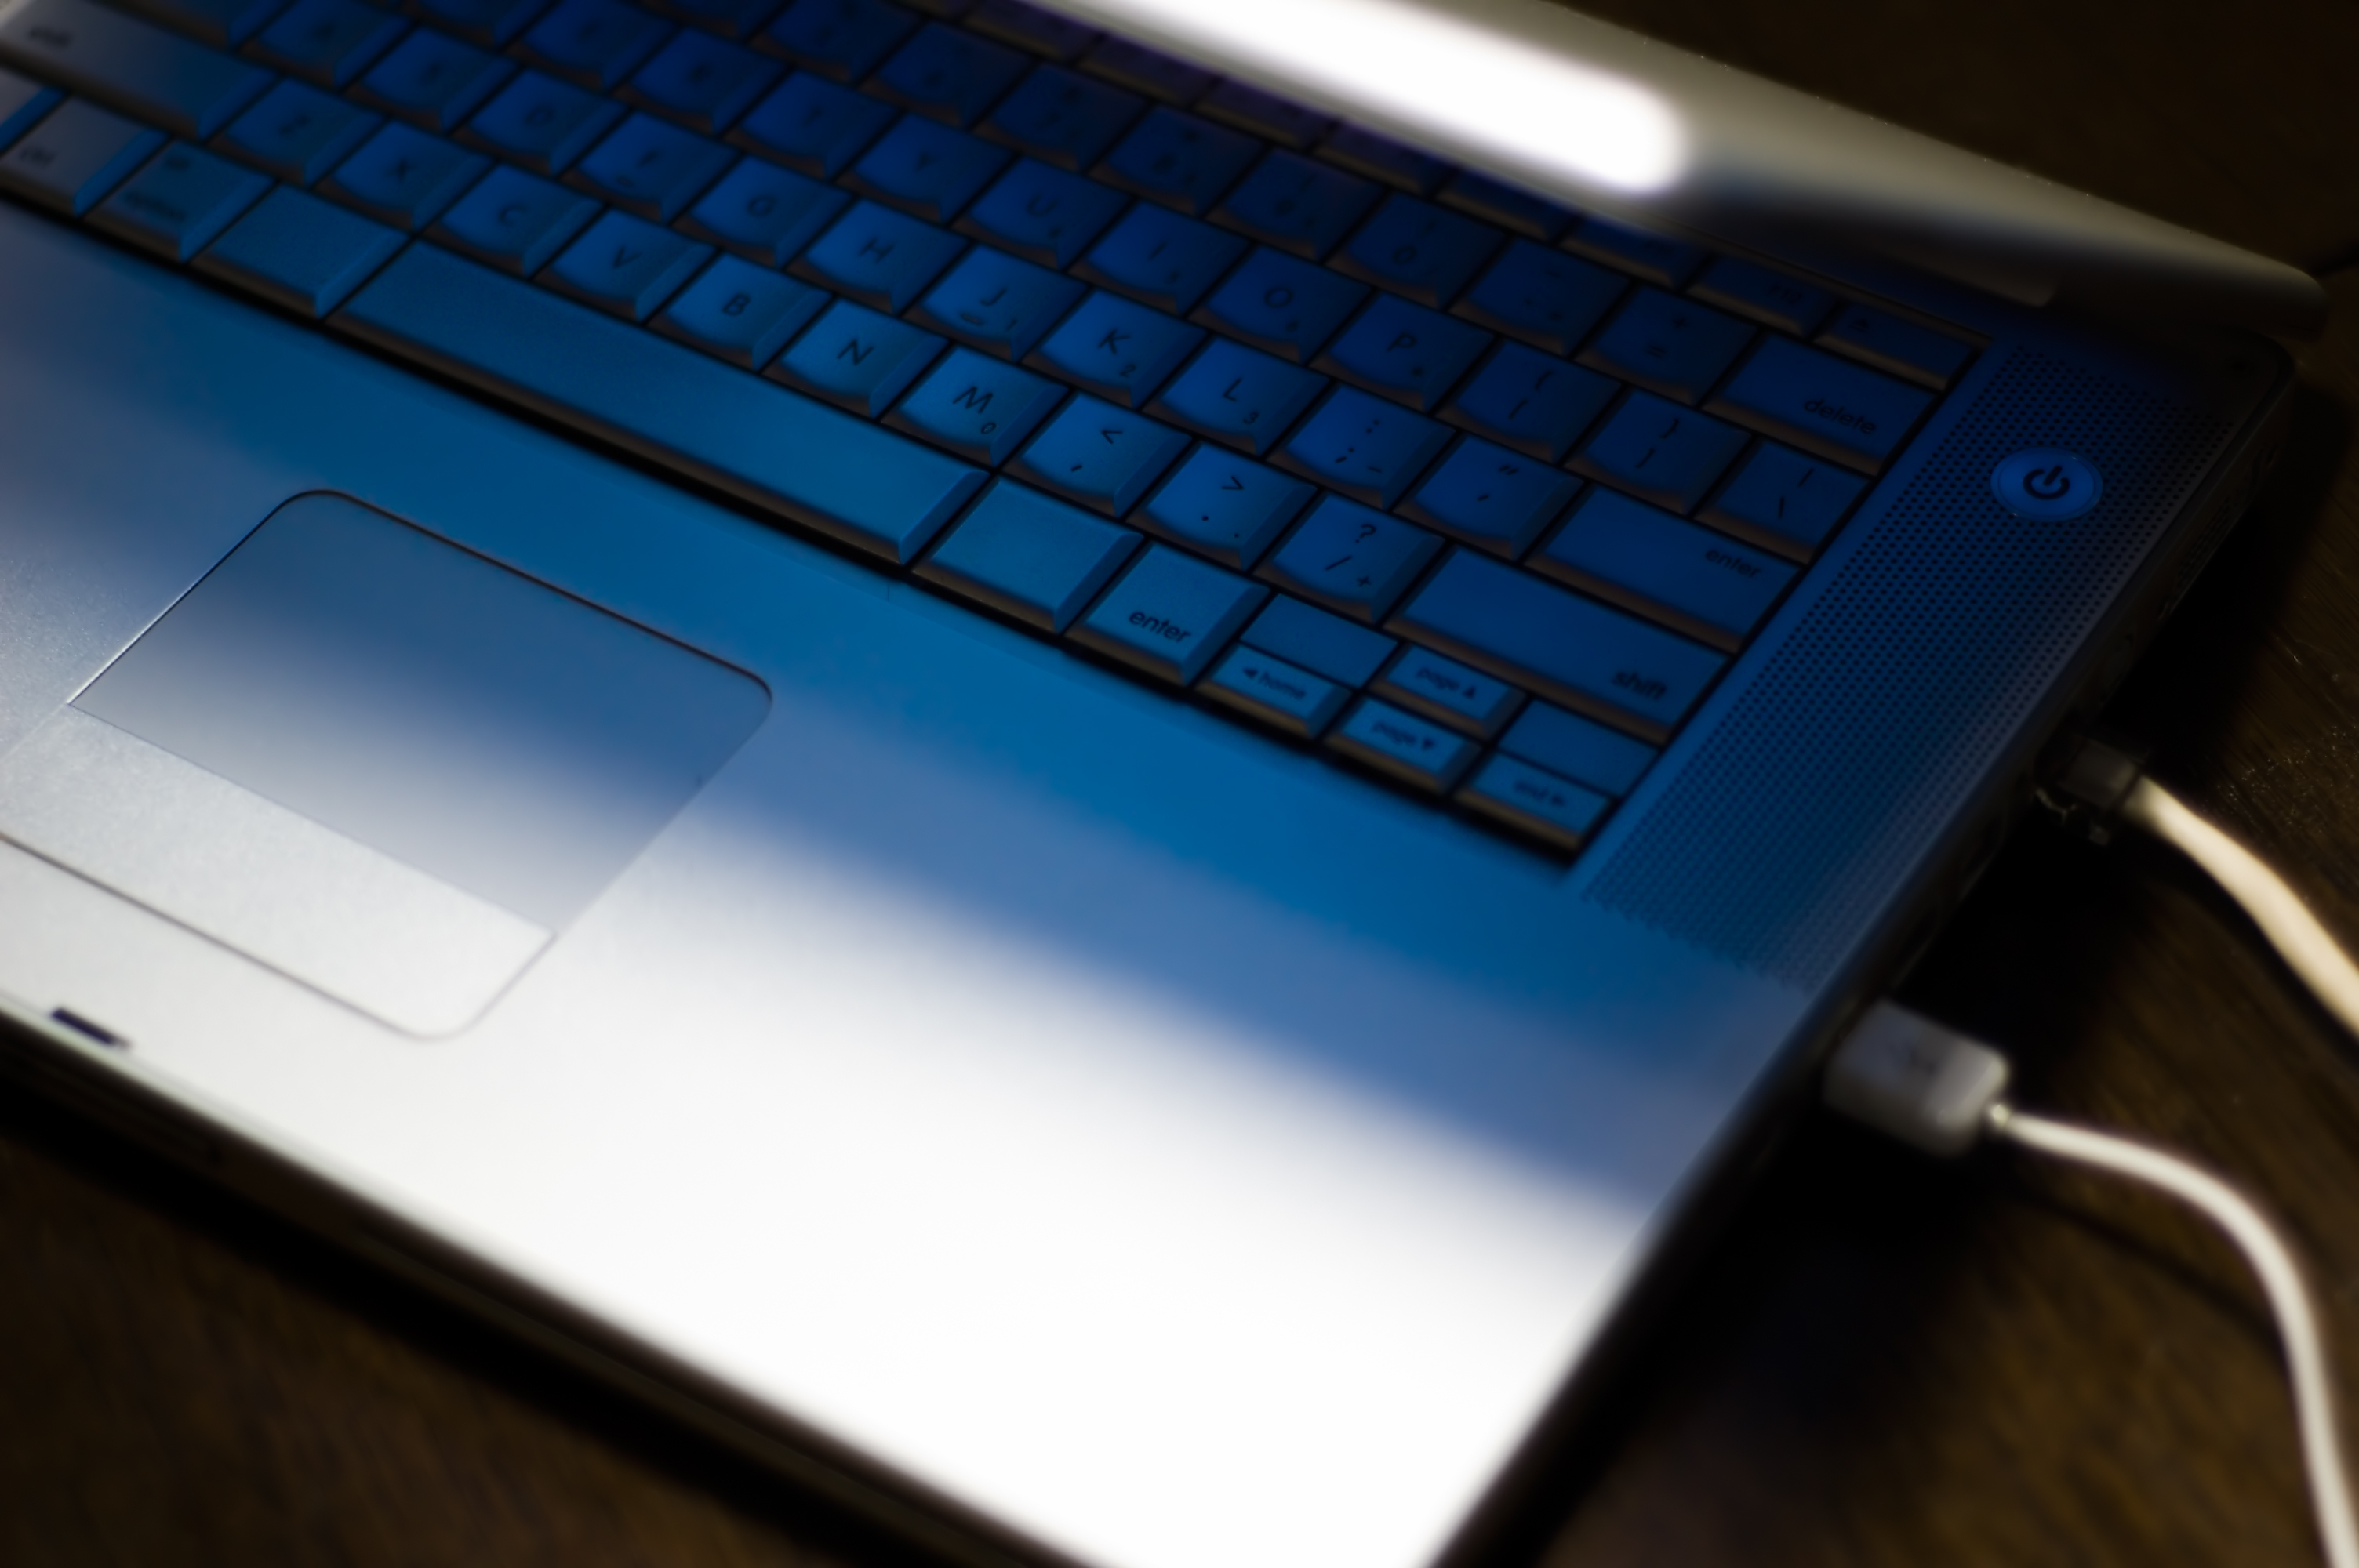 Open Laptop USB Ports